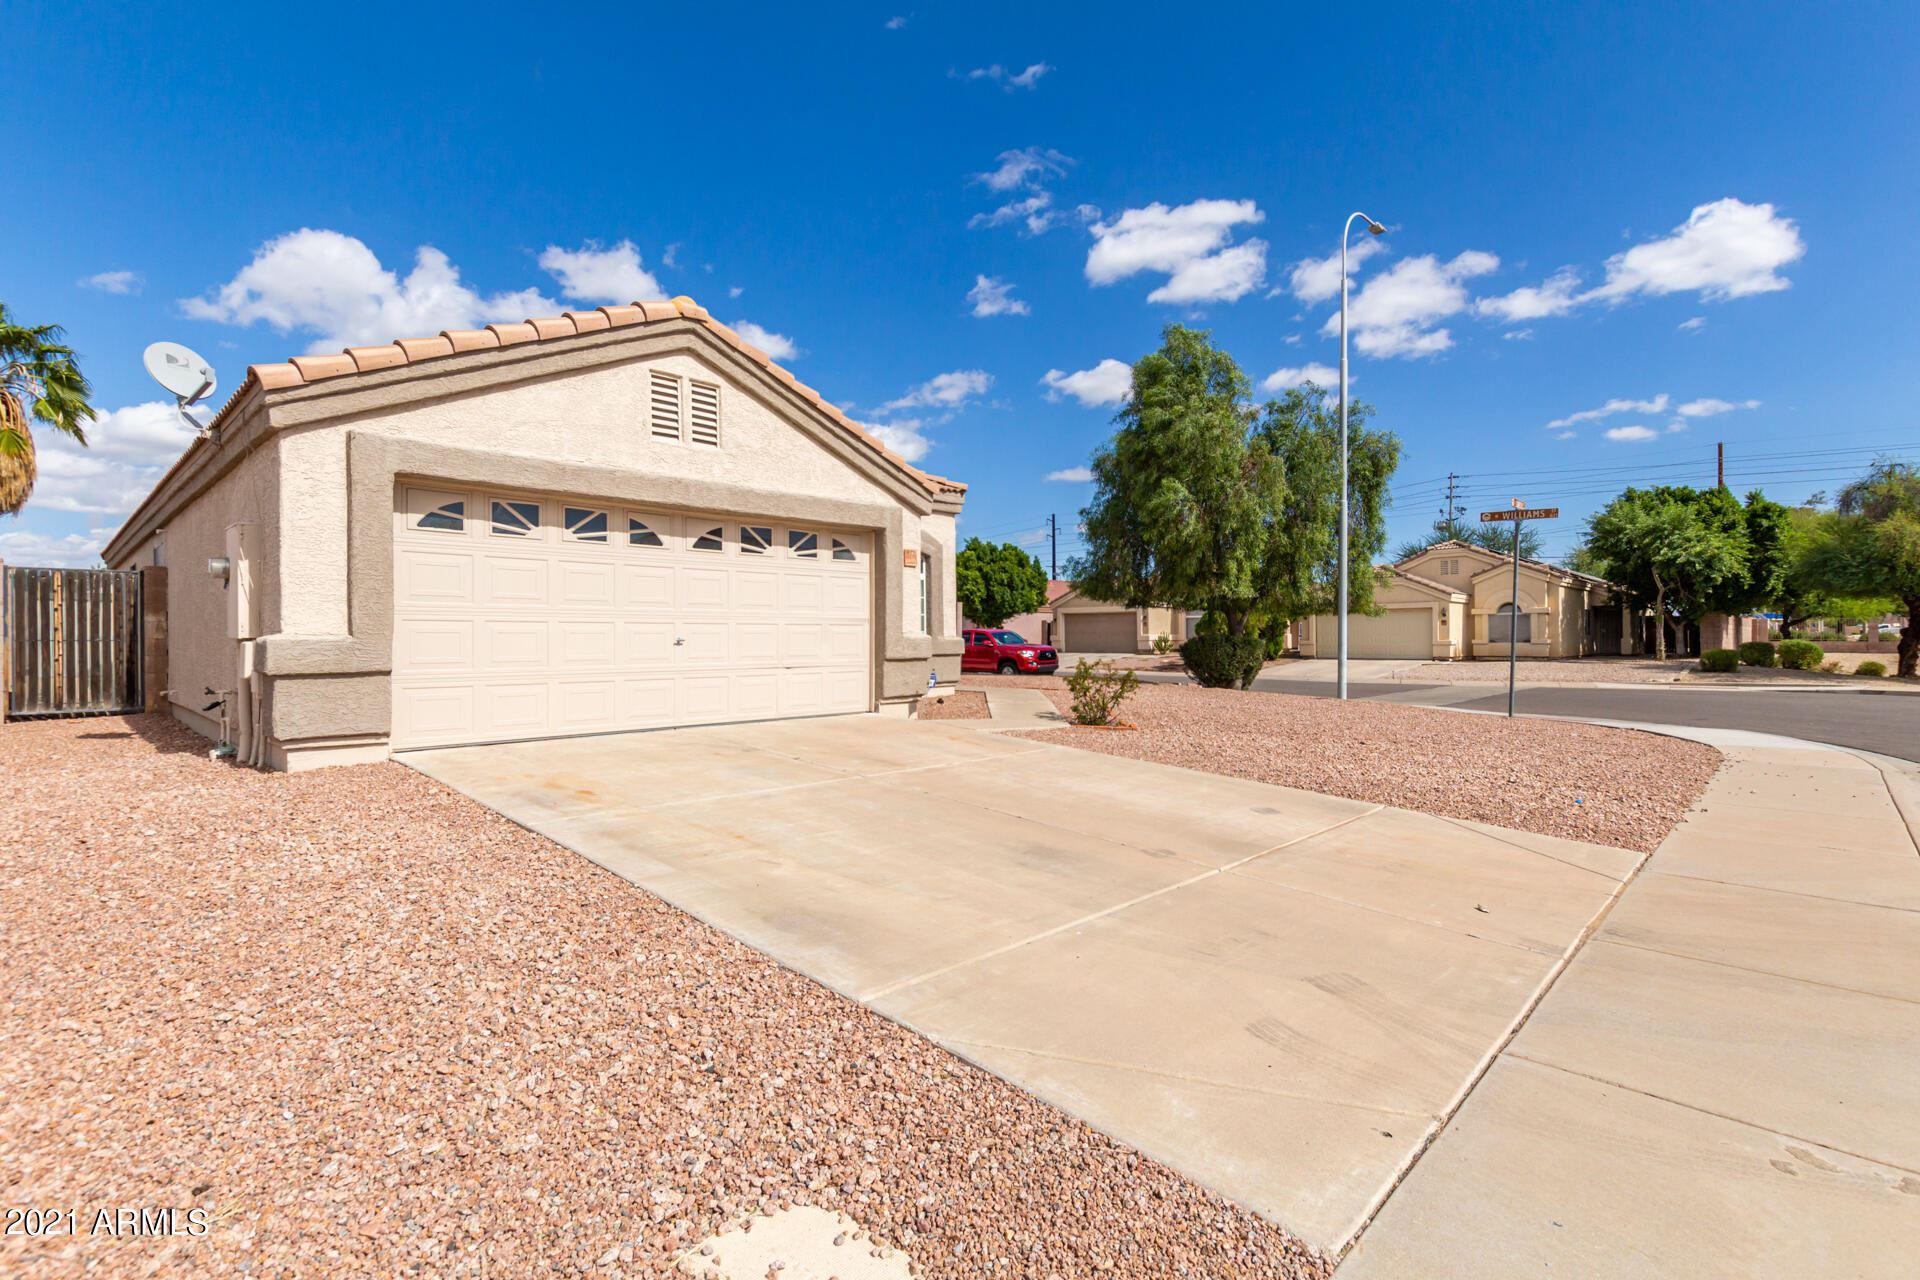 Photo of 972 E LAREDO Street, Chandler, AZ 85225 (MLS # 6310990)